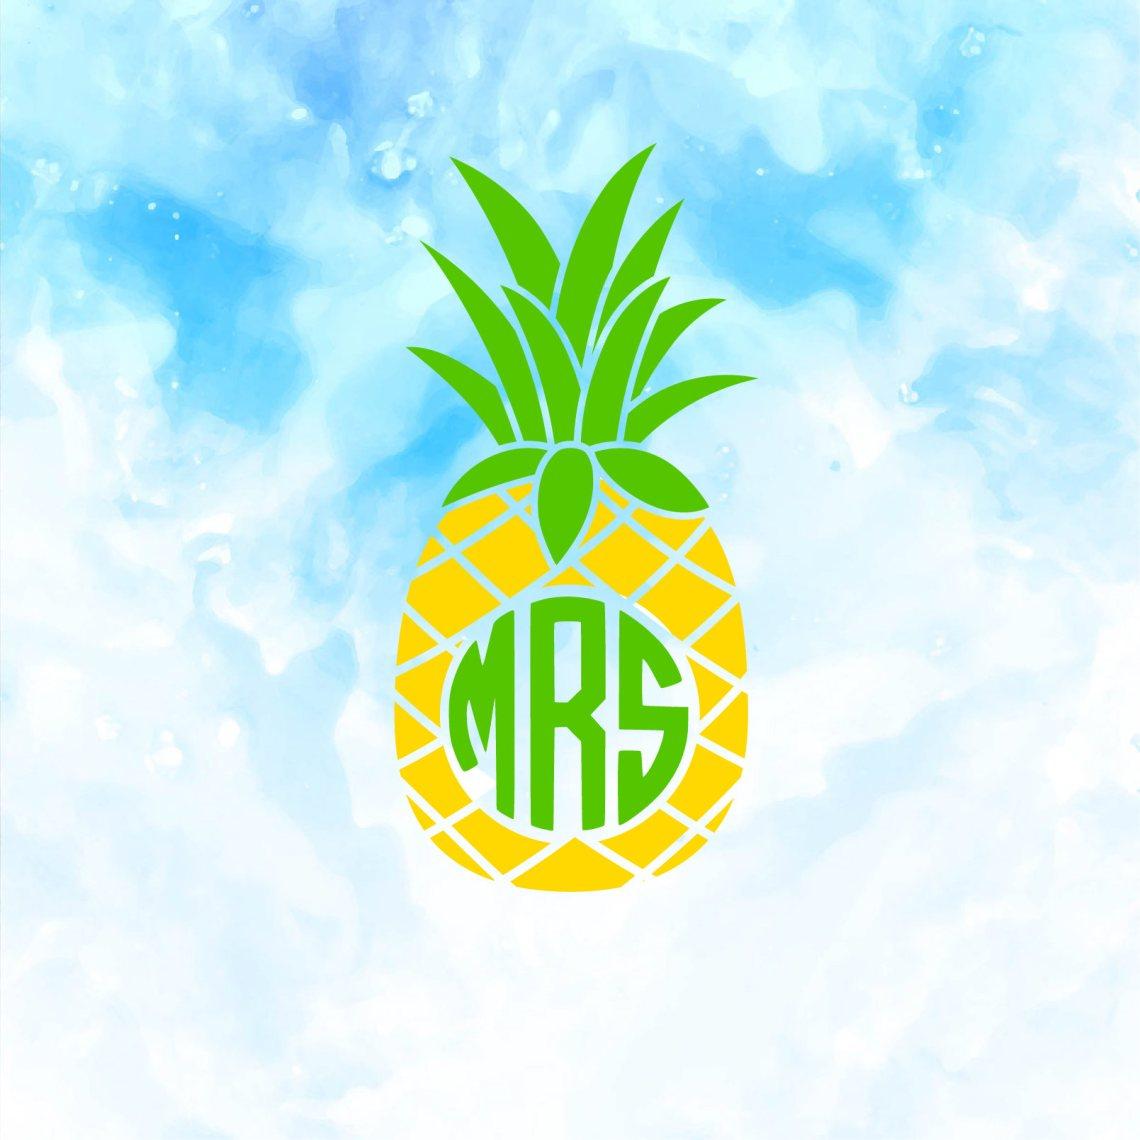 Download Pineapple SVG | Pineapple Monogram SVG | SVG by JoyfulSVG ...